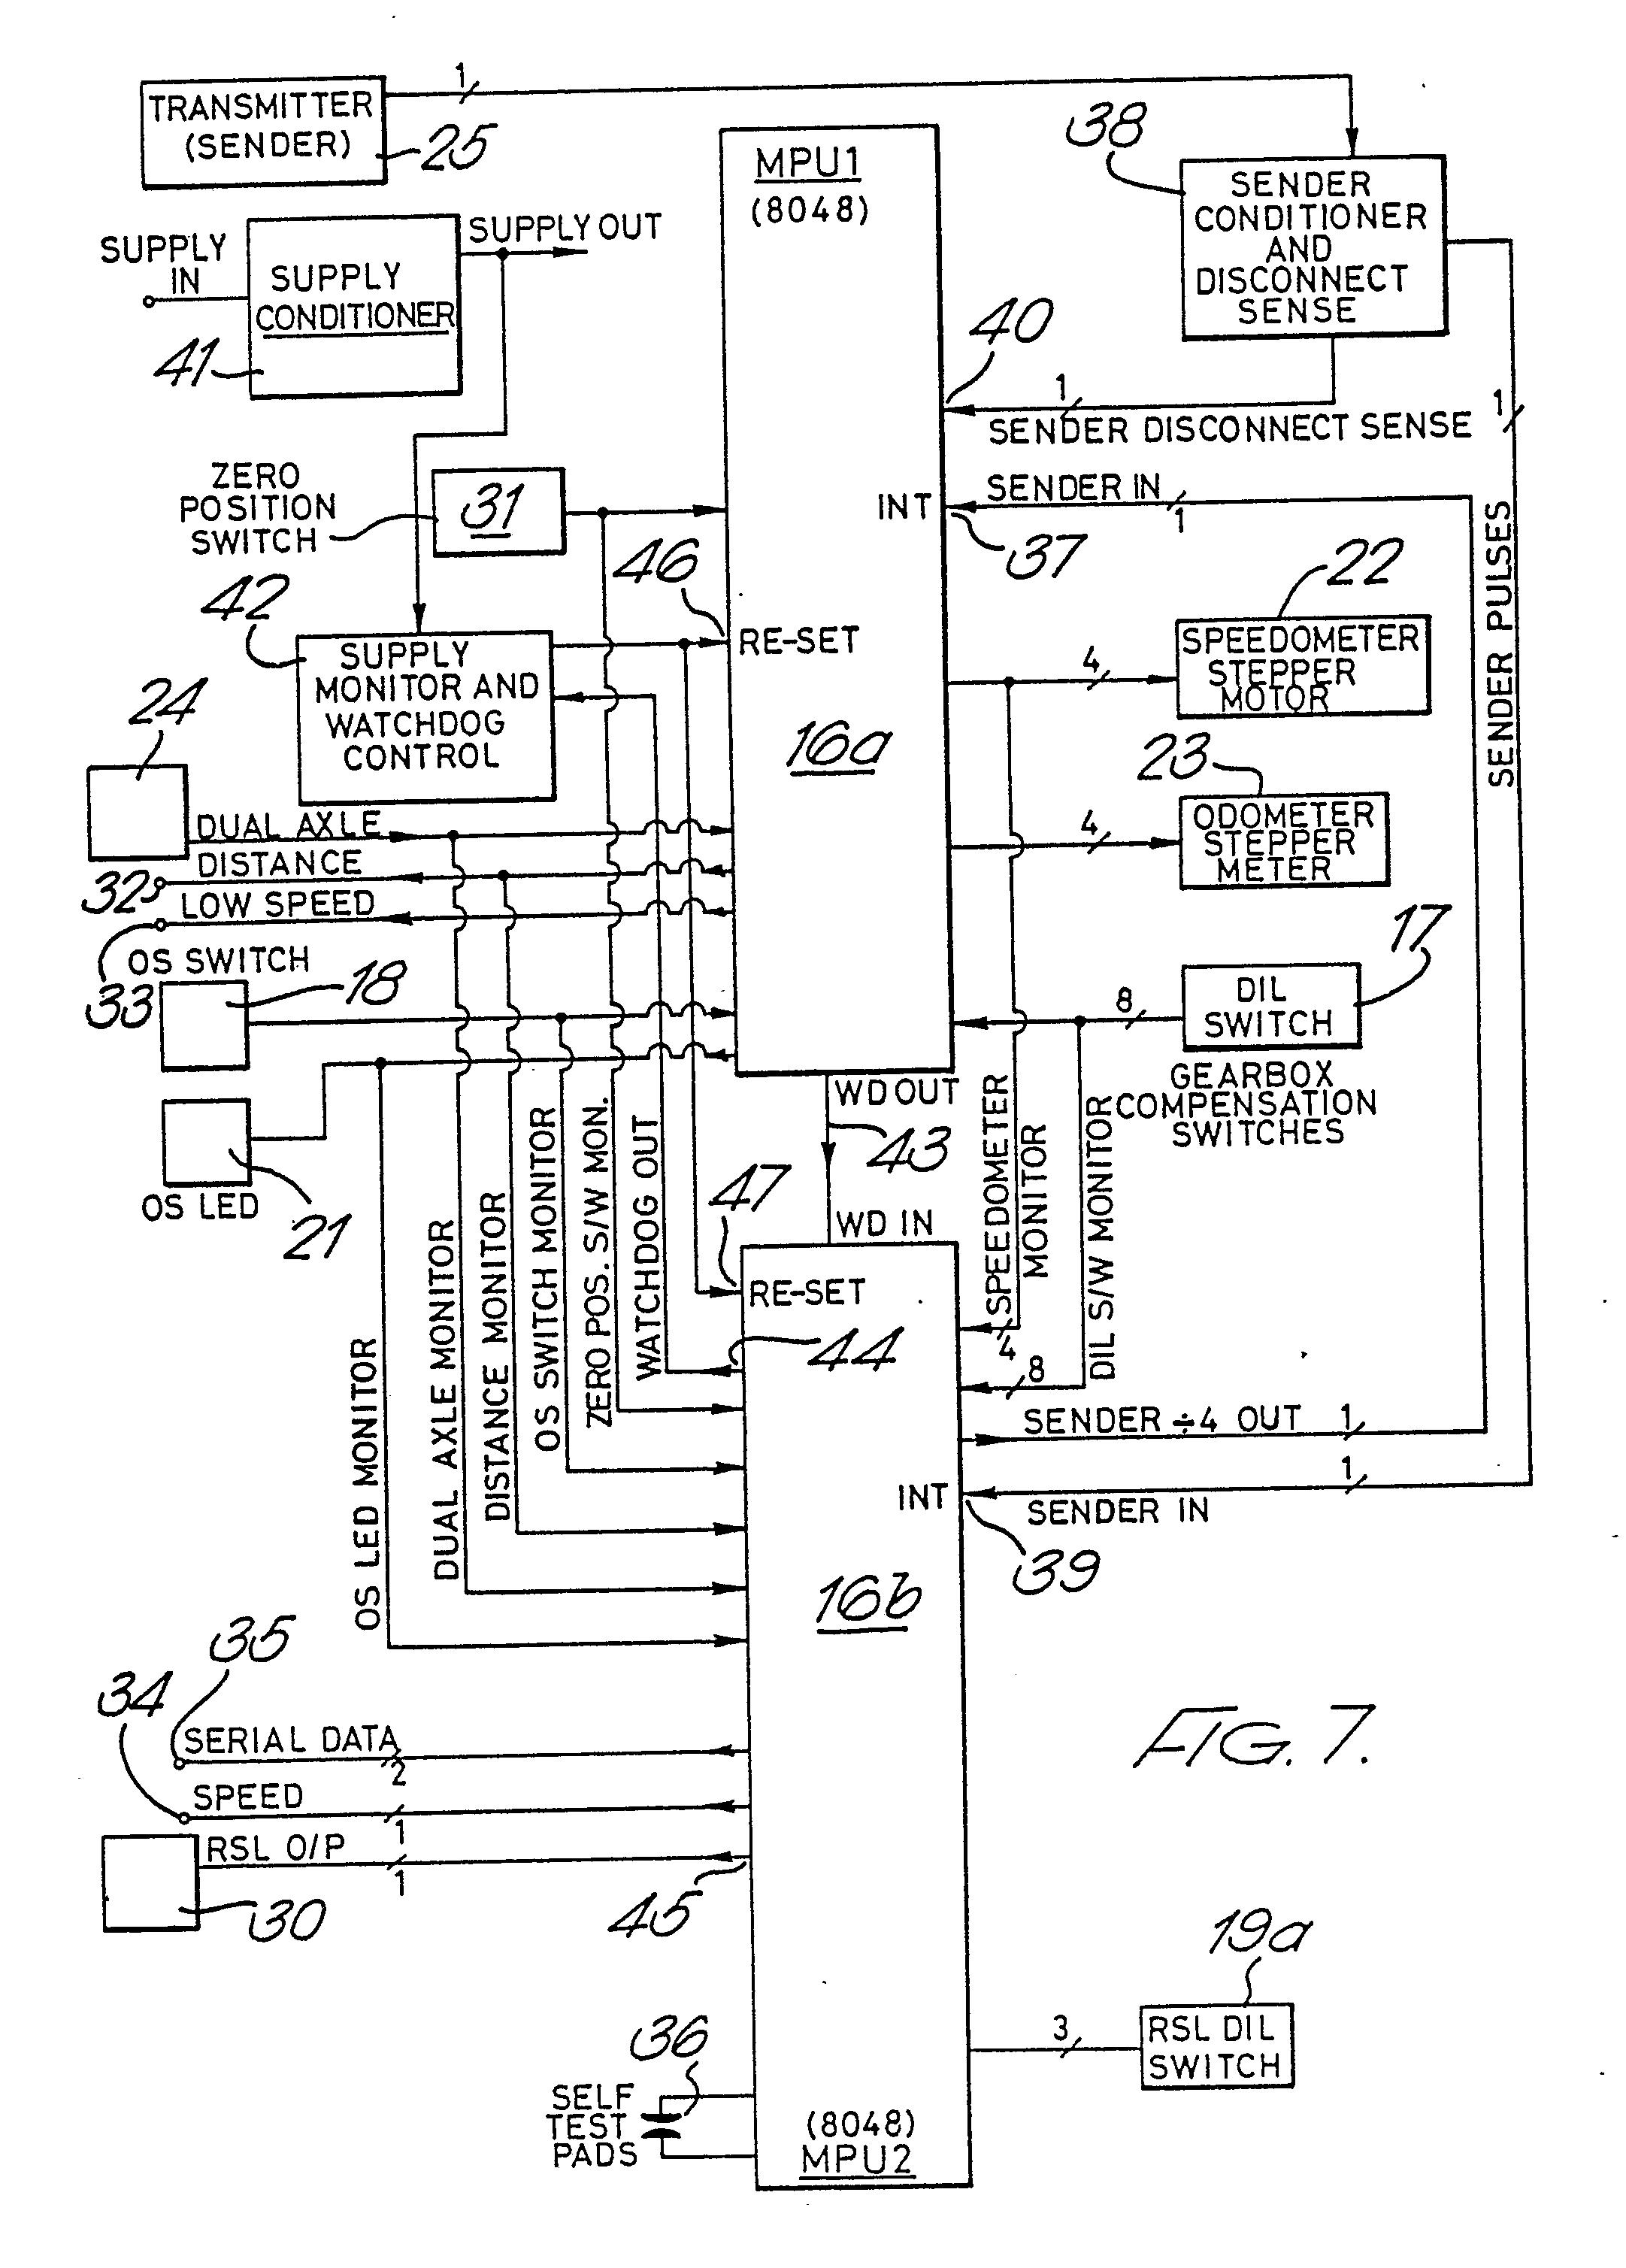 vdo kitas wiring diagram wv 1257  sigtronics wiring diagram free diagram  wv 1257  sigtronics wiring diagram free